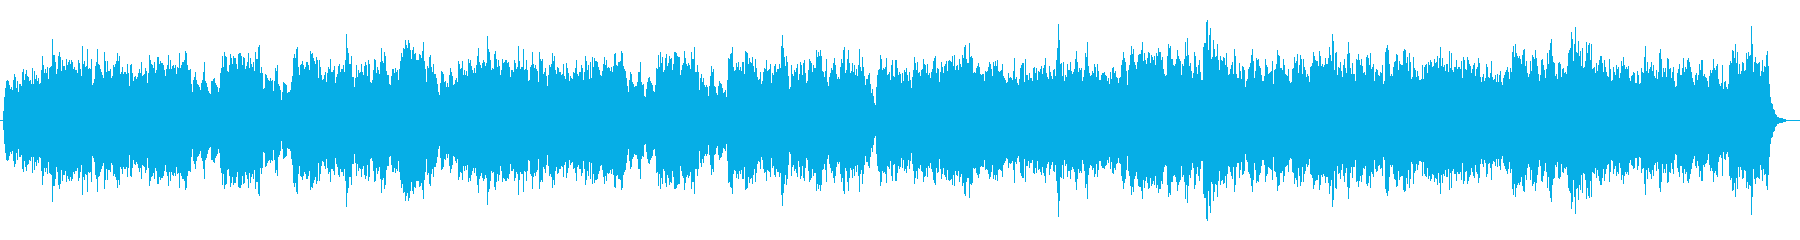 【バッハ】G線上のアリア/弦楽合奏の再生済みの波形